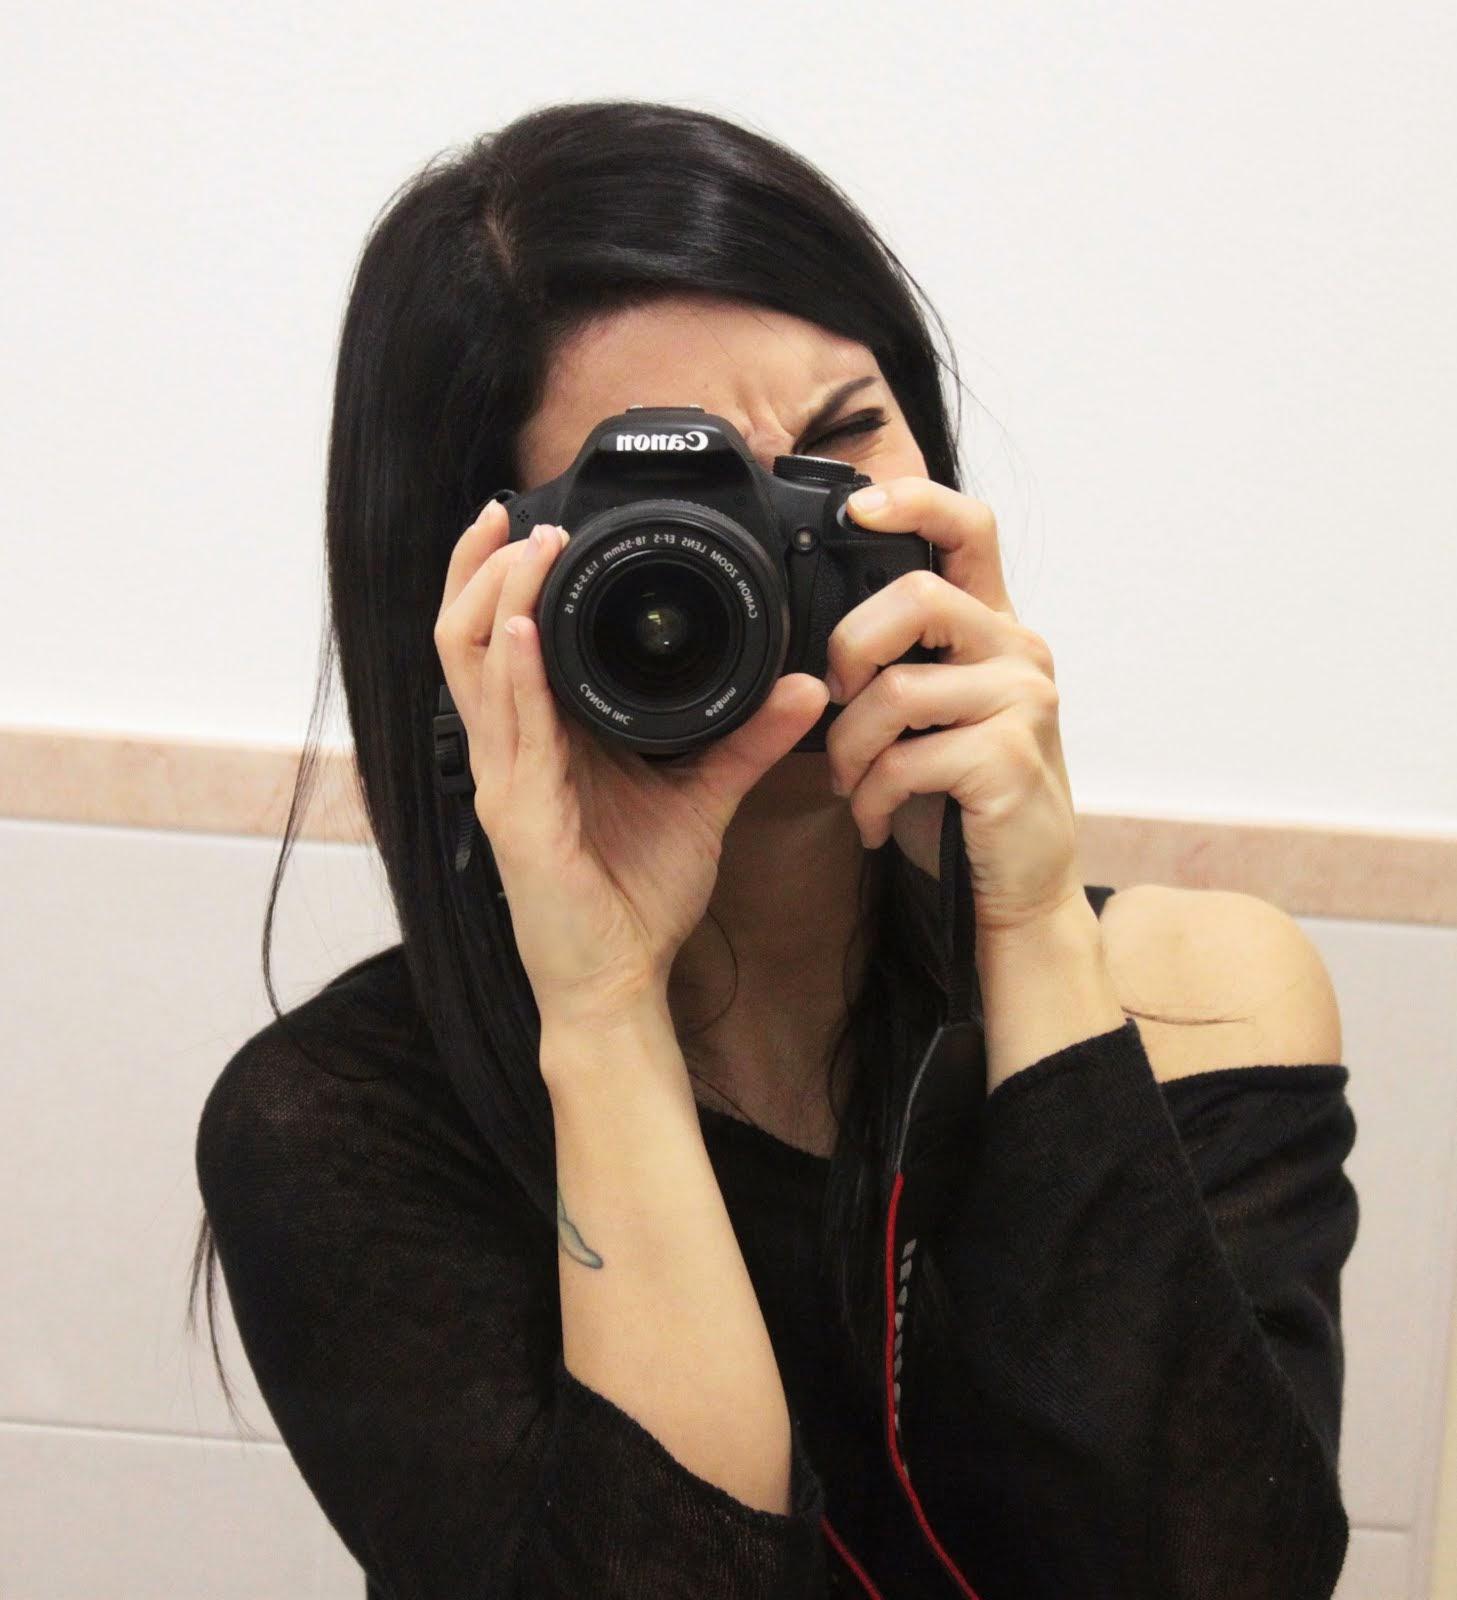 Il mio obiettivo? Riuscire a proiettare la vita nelle foto...